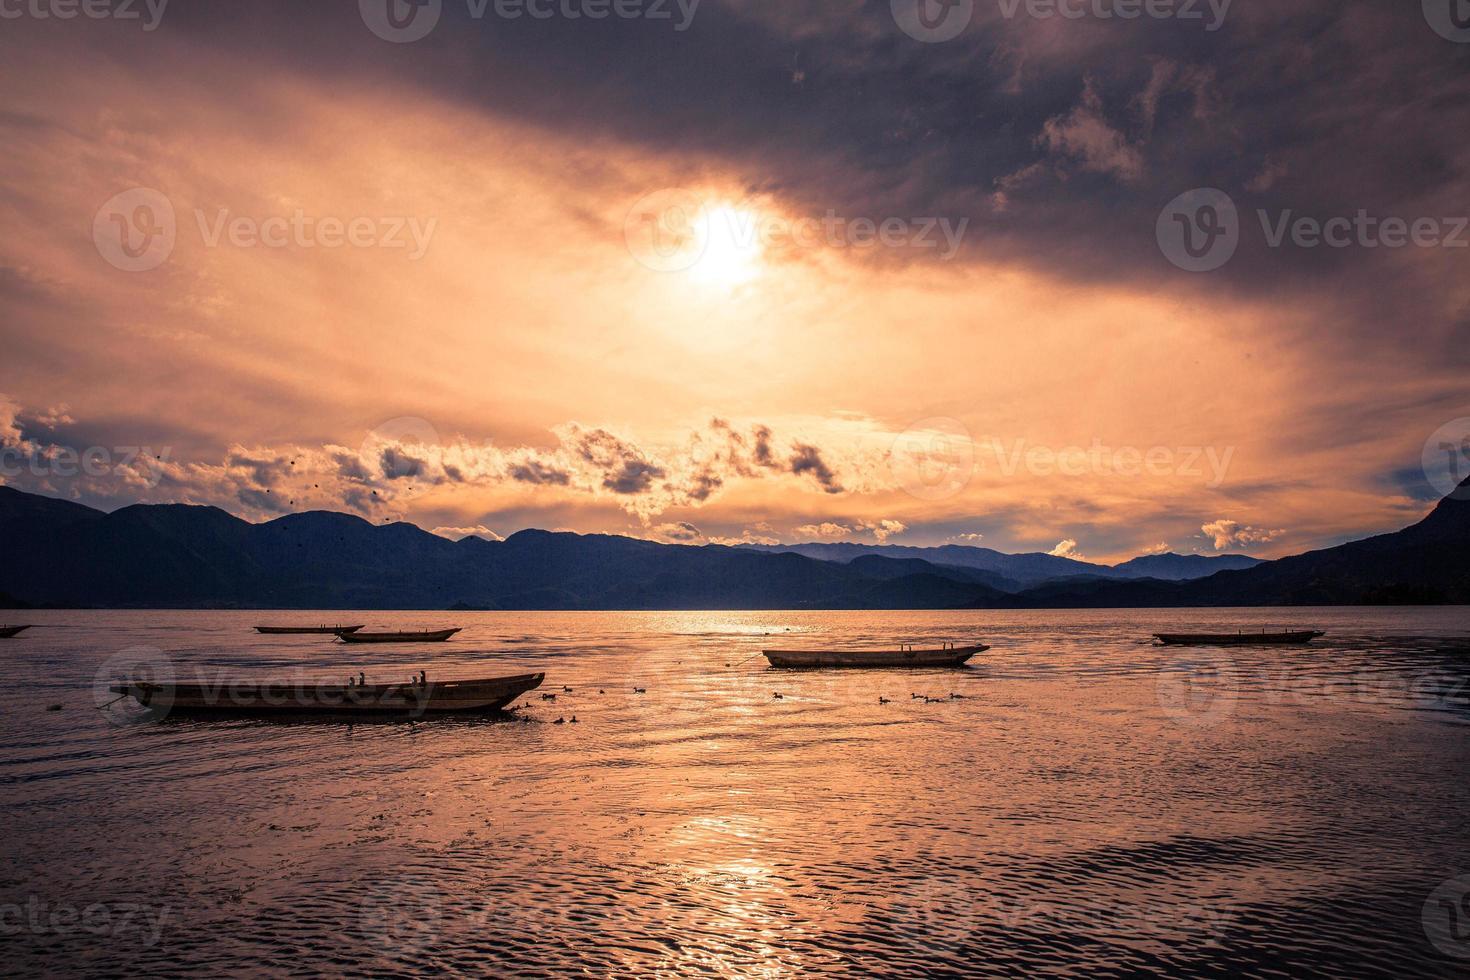 Sunset on the Lugu lake photo